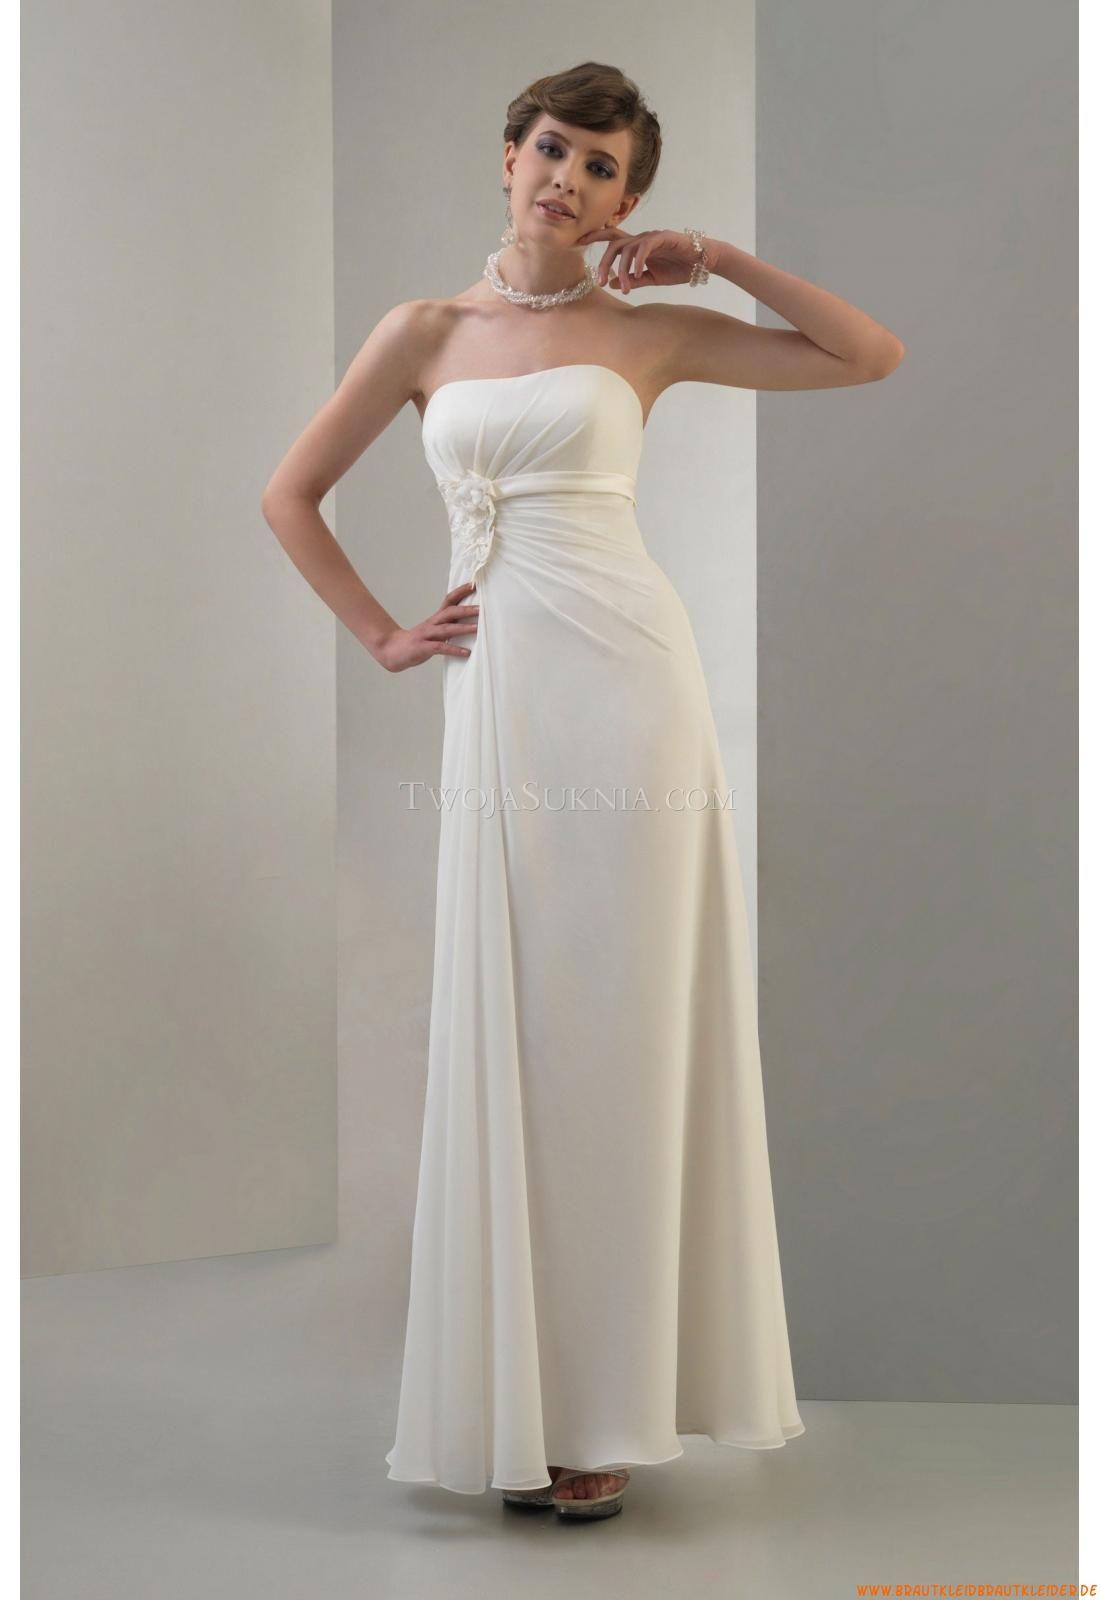 Lange Ärmel Günstige Brautkleider   brautkleid   Pinterest   lange ...